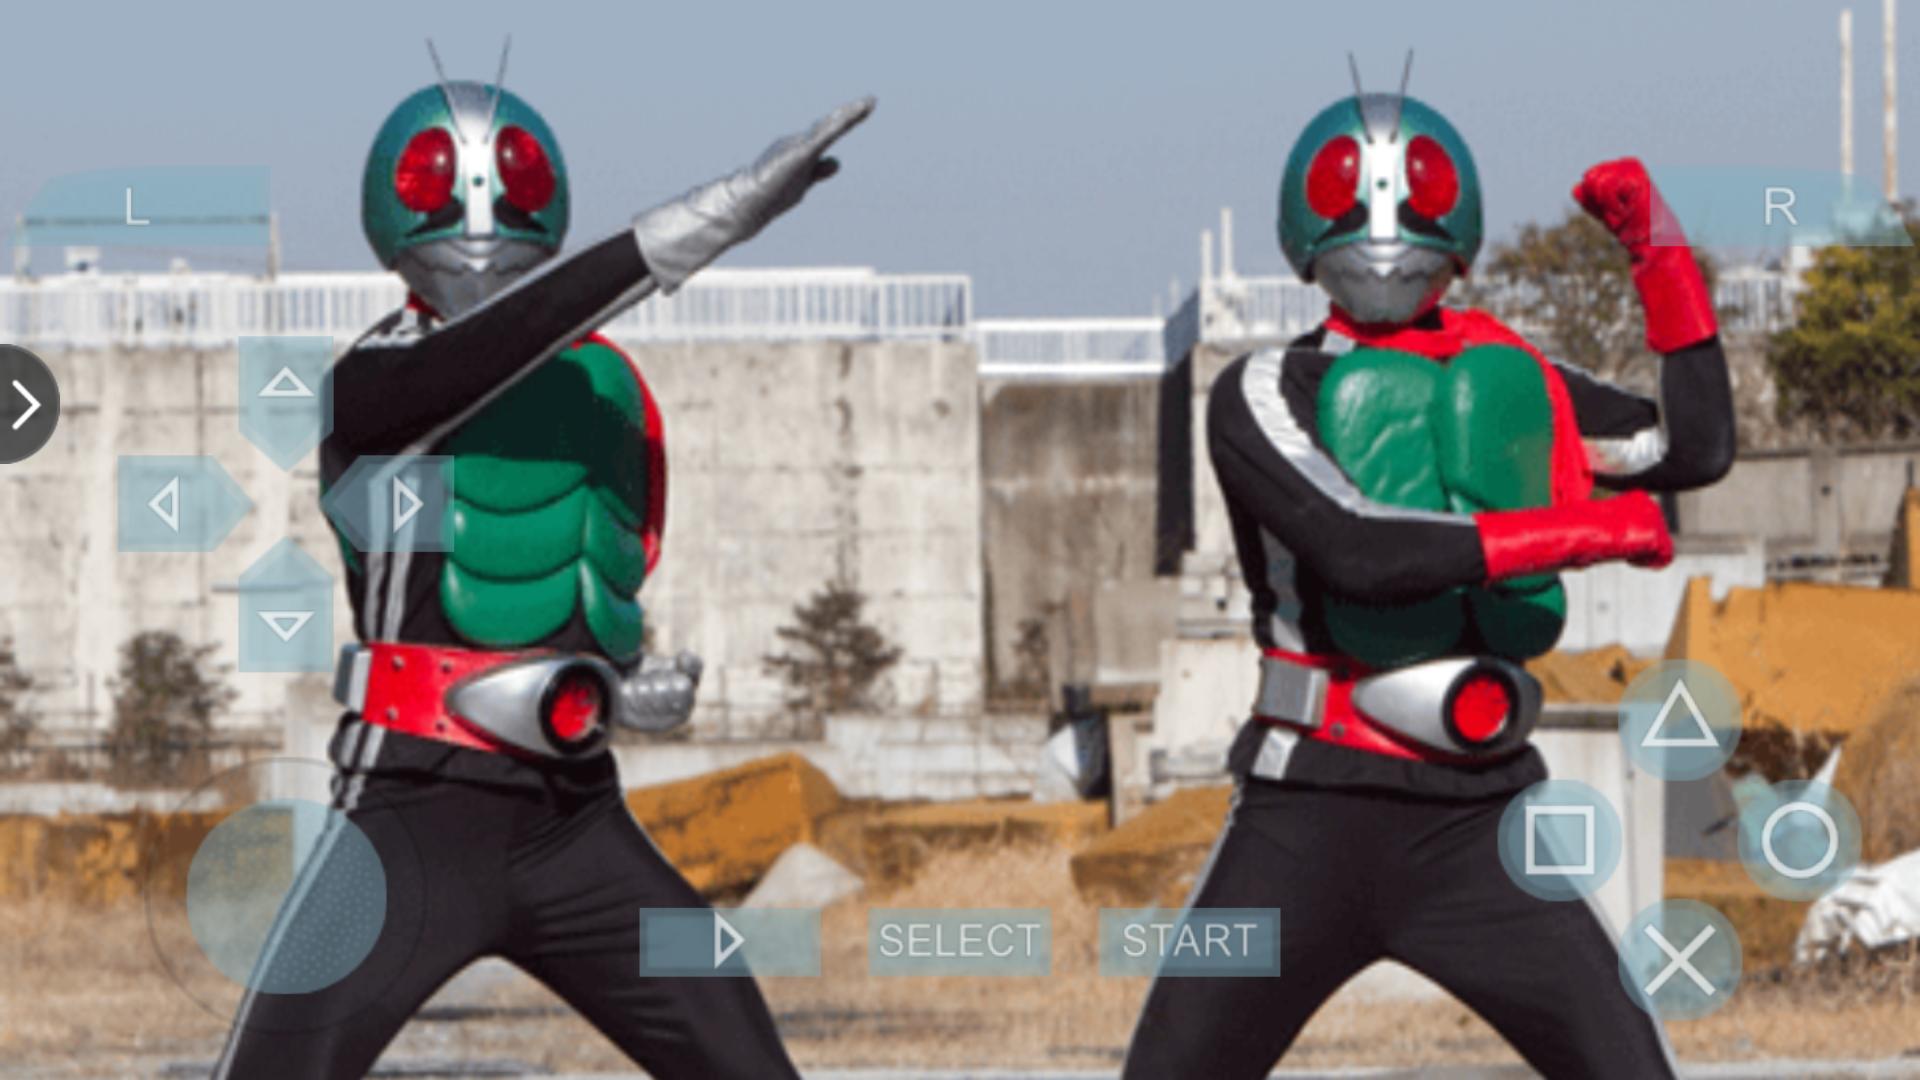 假面骑士超巅峰英雄:假面骑士篇(1号和2号)